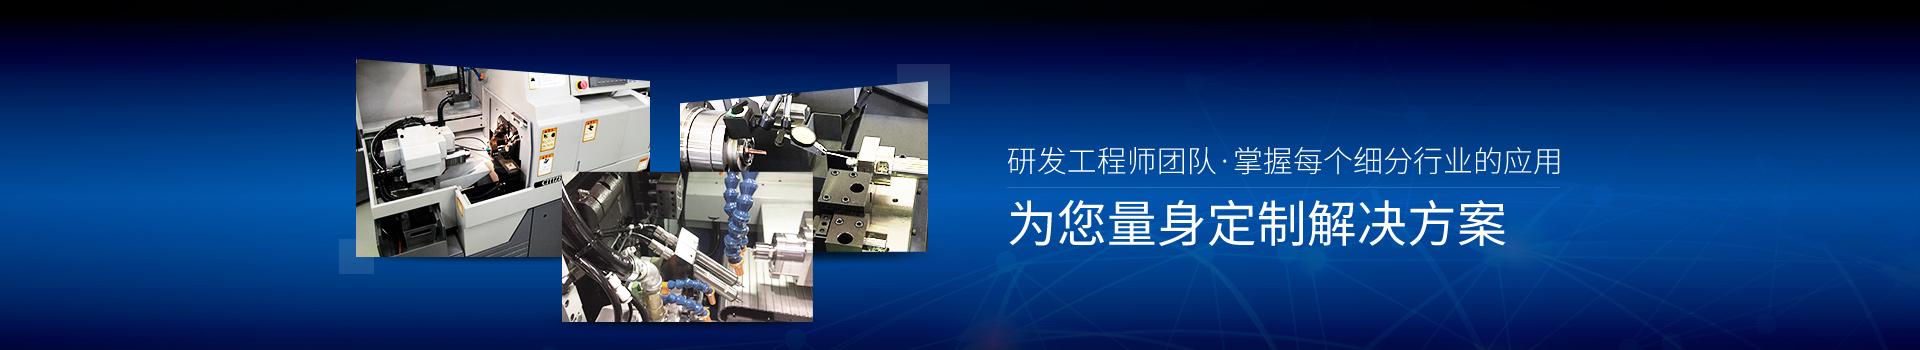 松本机电-提供加工工具、工量具智能配套解决方案